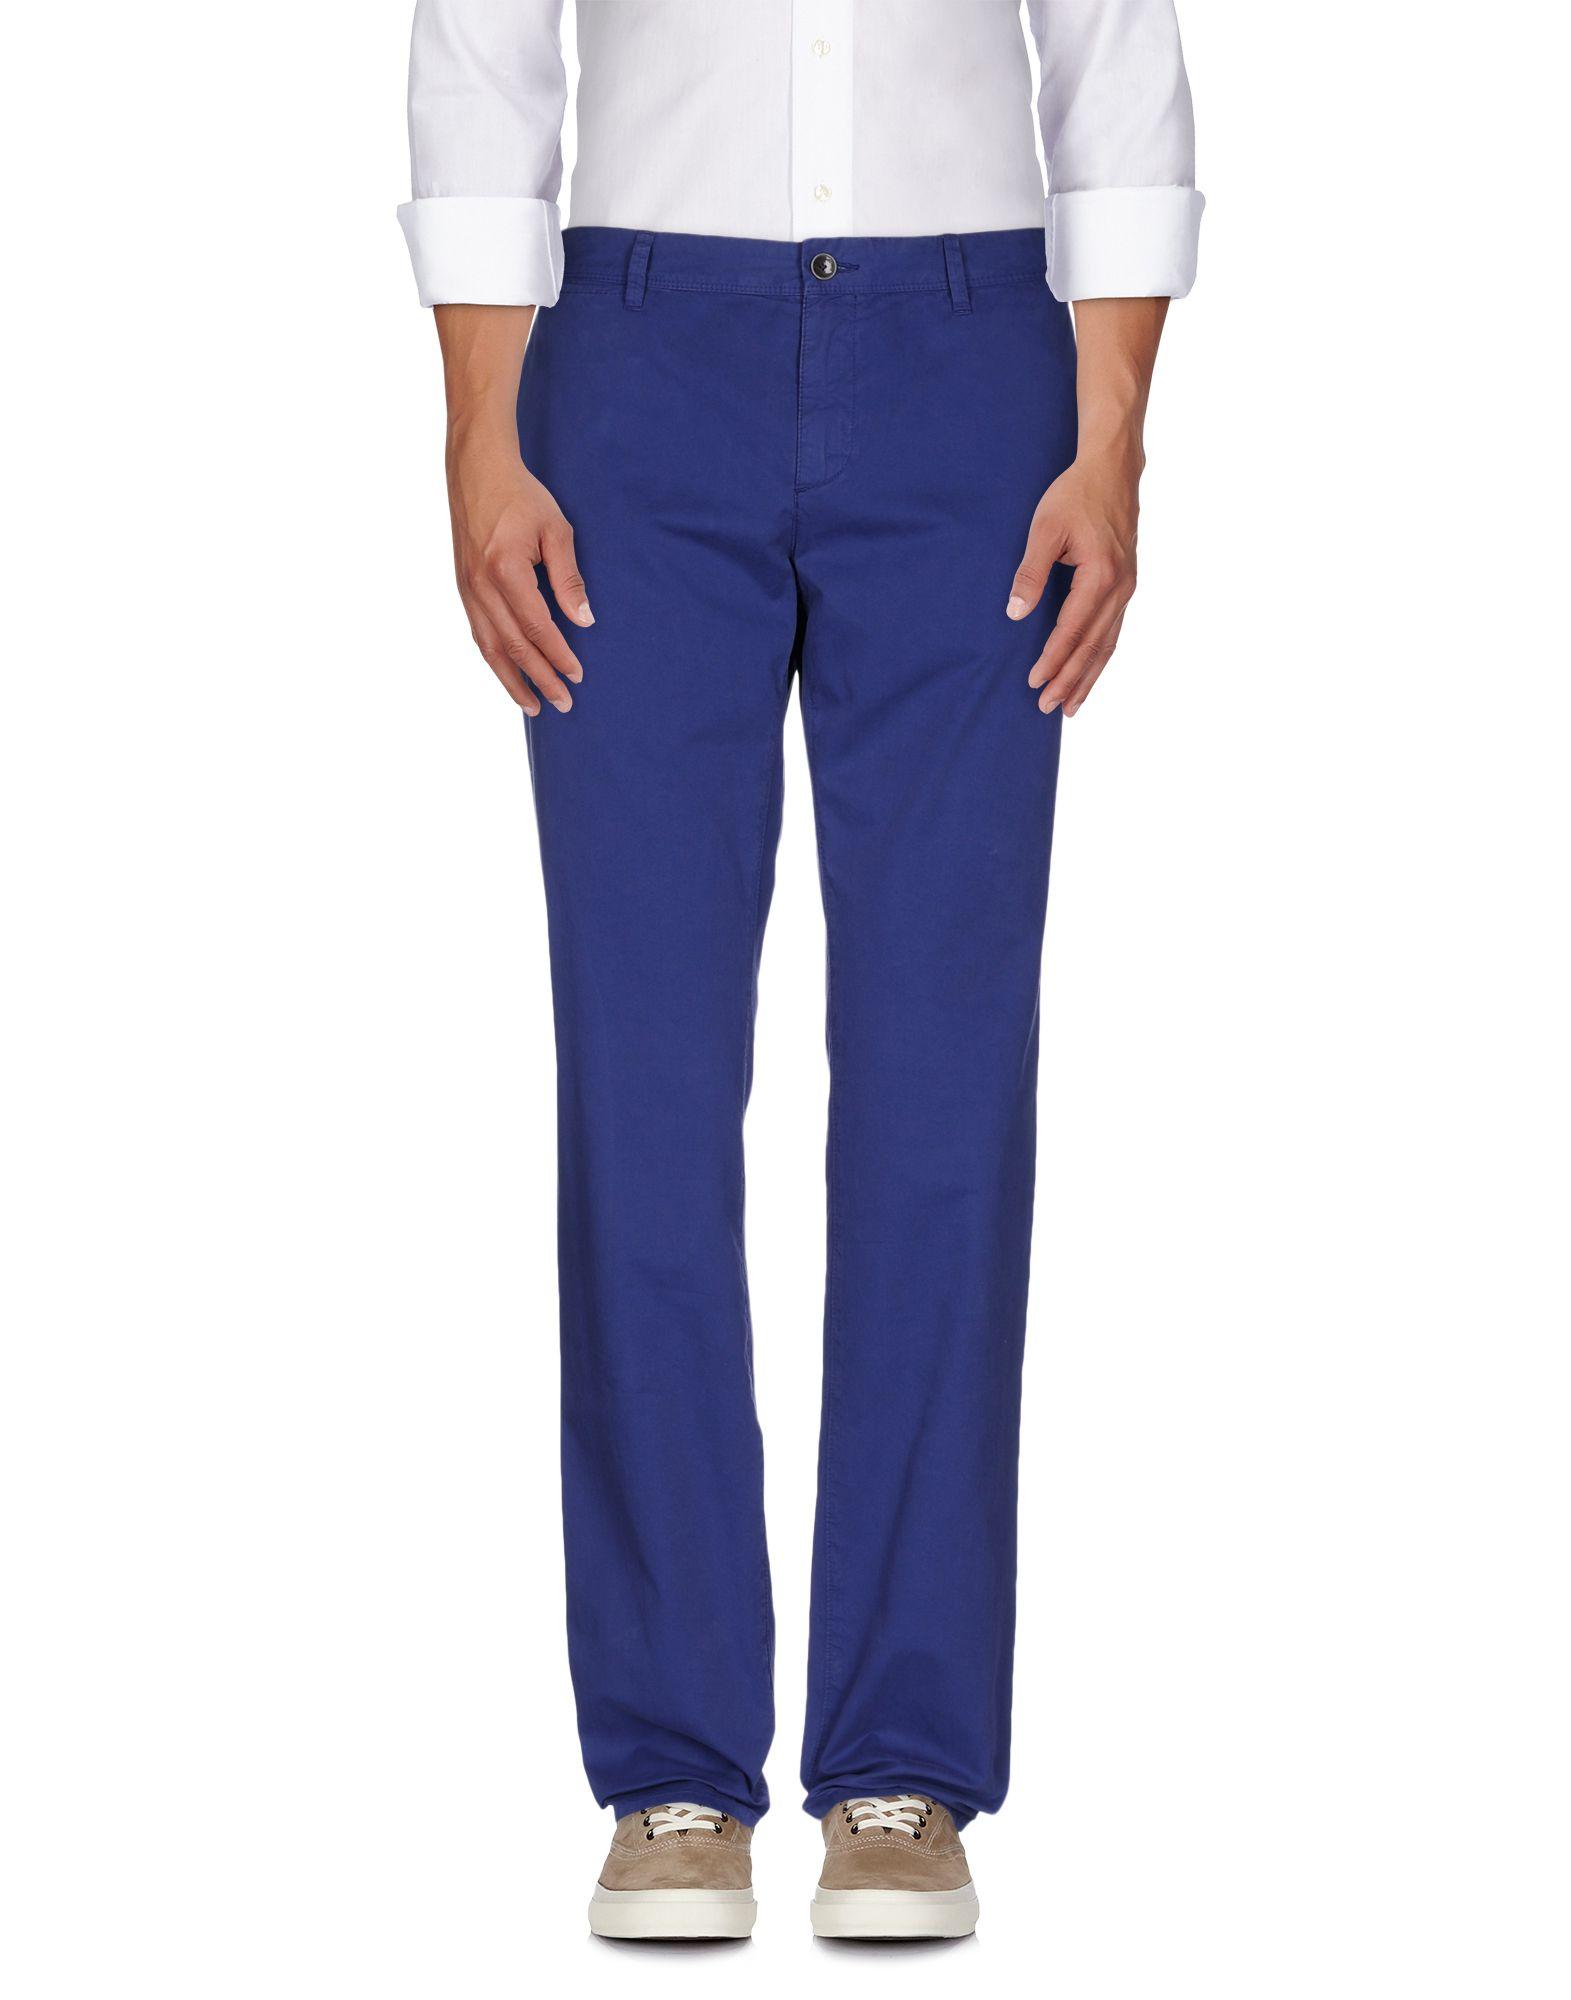 《送料無料》BALLANTYNE メンズ パンツ ブルー 50 コットン 100%